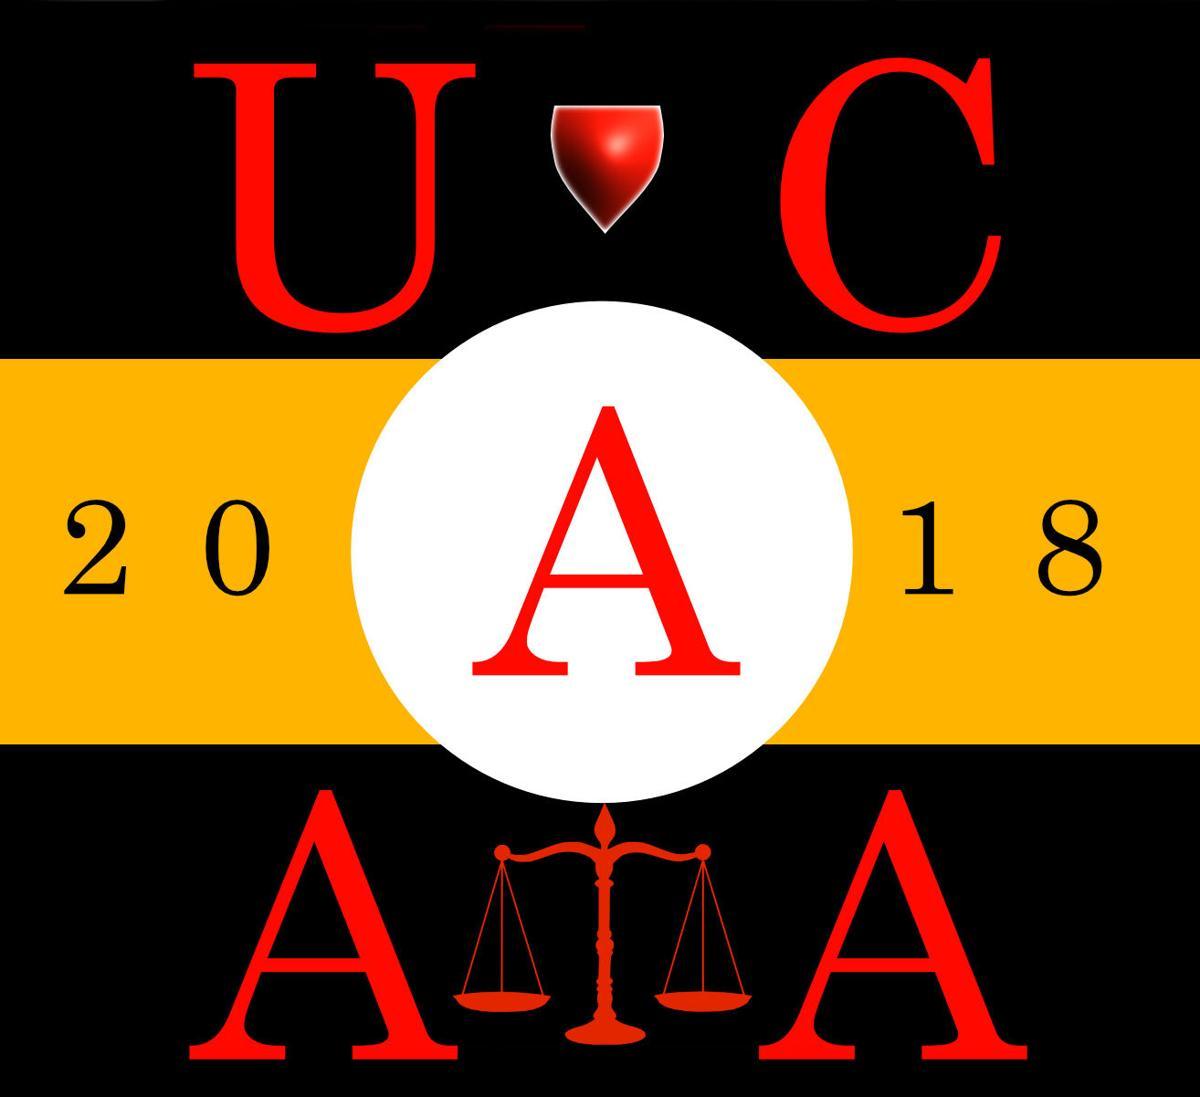 UCAA image